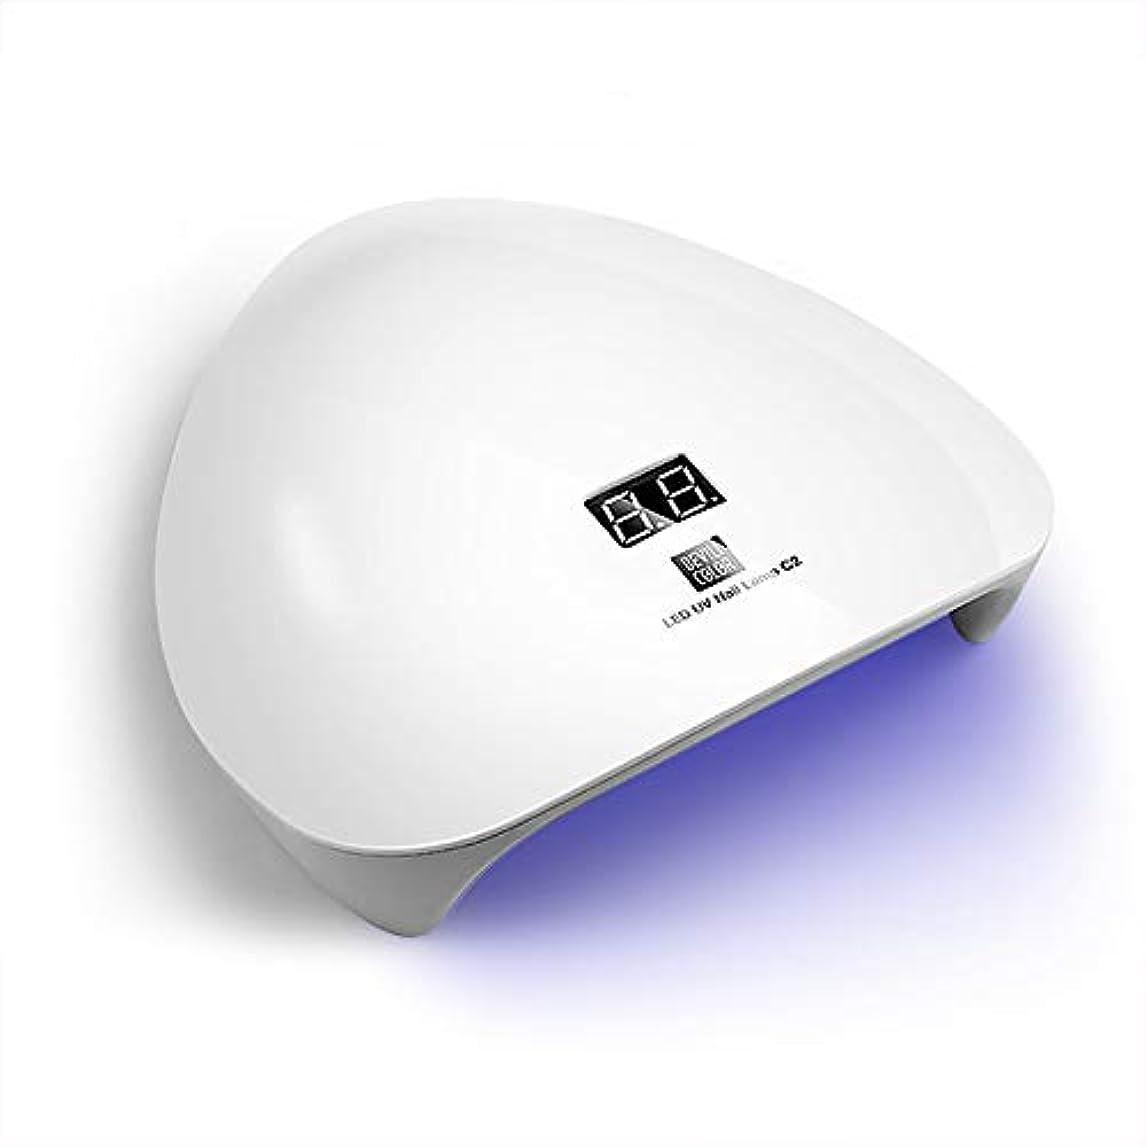 バトル慈悲深い合唱団LEDネイルドライヤー UVライト 45W ハイパワー2019最新版 LED硬化ライト自動センサー 15LED 高速硬化 ジェルネイルライトUVとLEDダブルライト ジェルネイル用 (ホワイト)